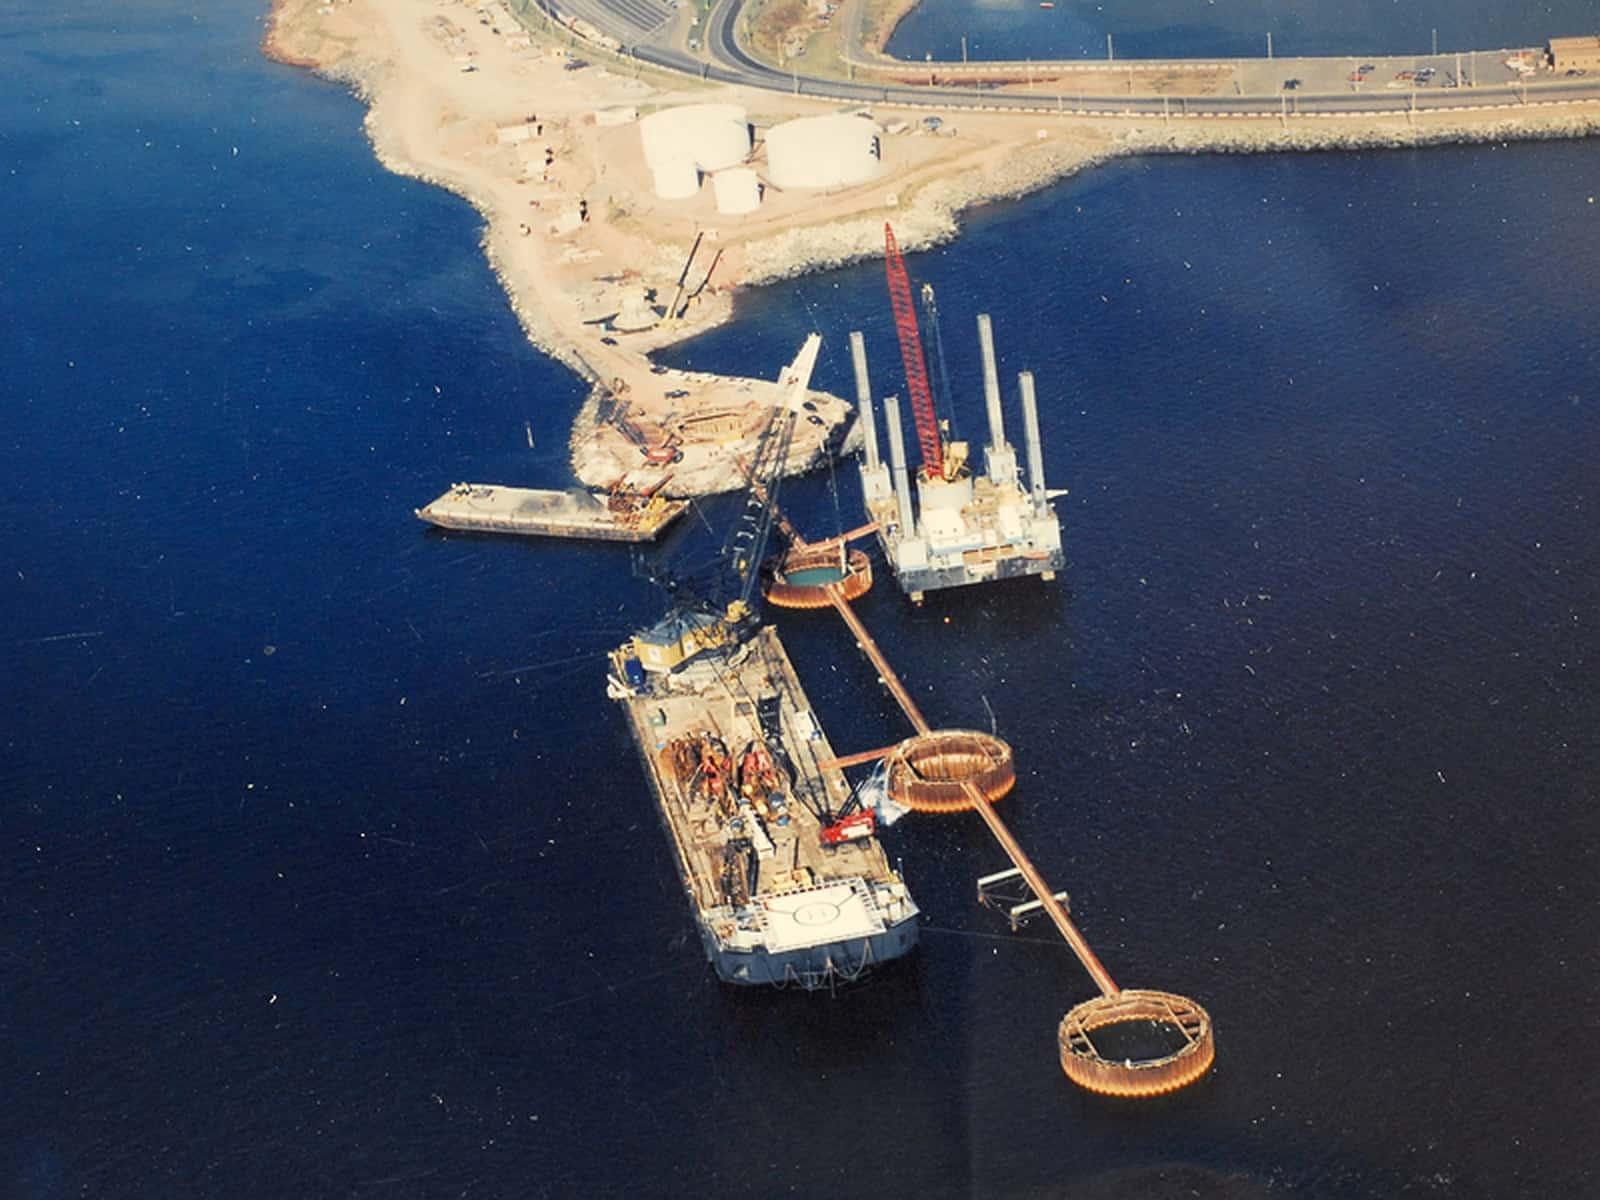 Am 7. Oktober 1993 begannen die Bauarbeiten zum Bau der Confederation Bridge.